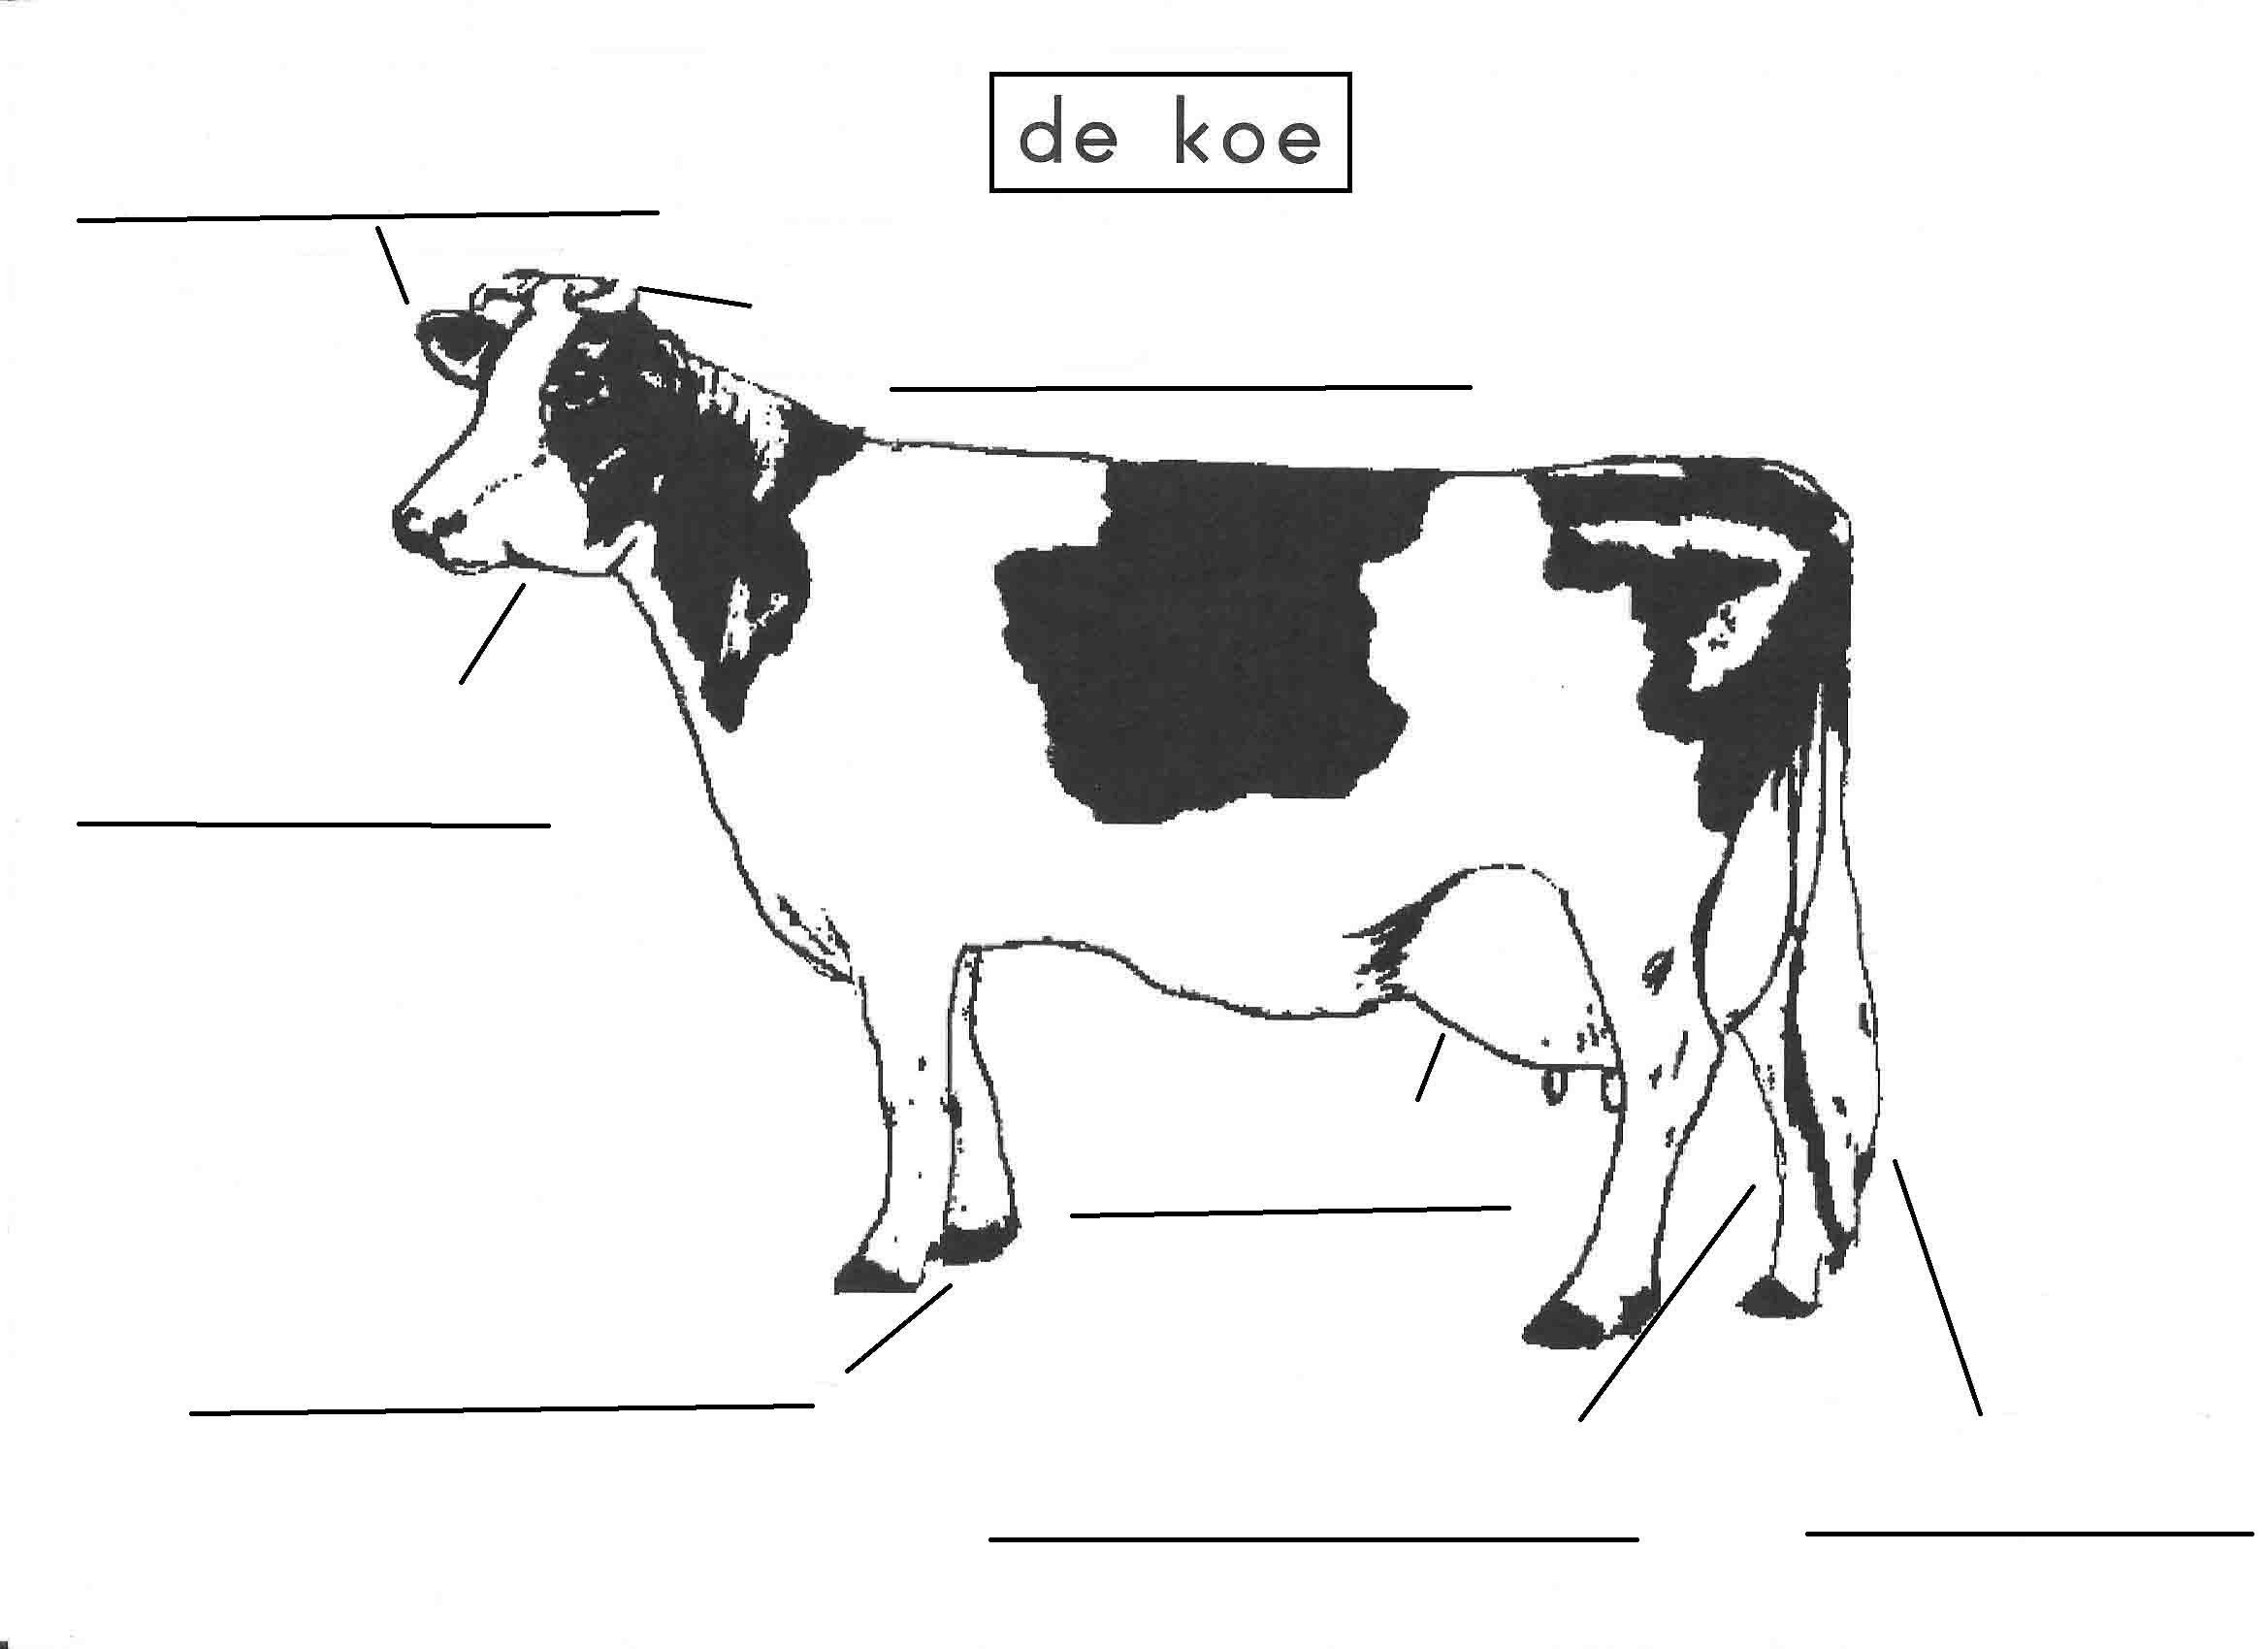 Pin Van Krista Vanderelst Op Thema Koe Kleuters Cow Theme Preschool Vaches Theme Maternelle Boerderijdieren Boerderij Thema Koe